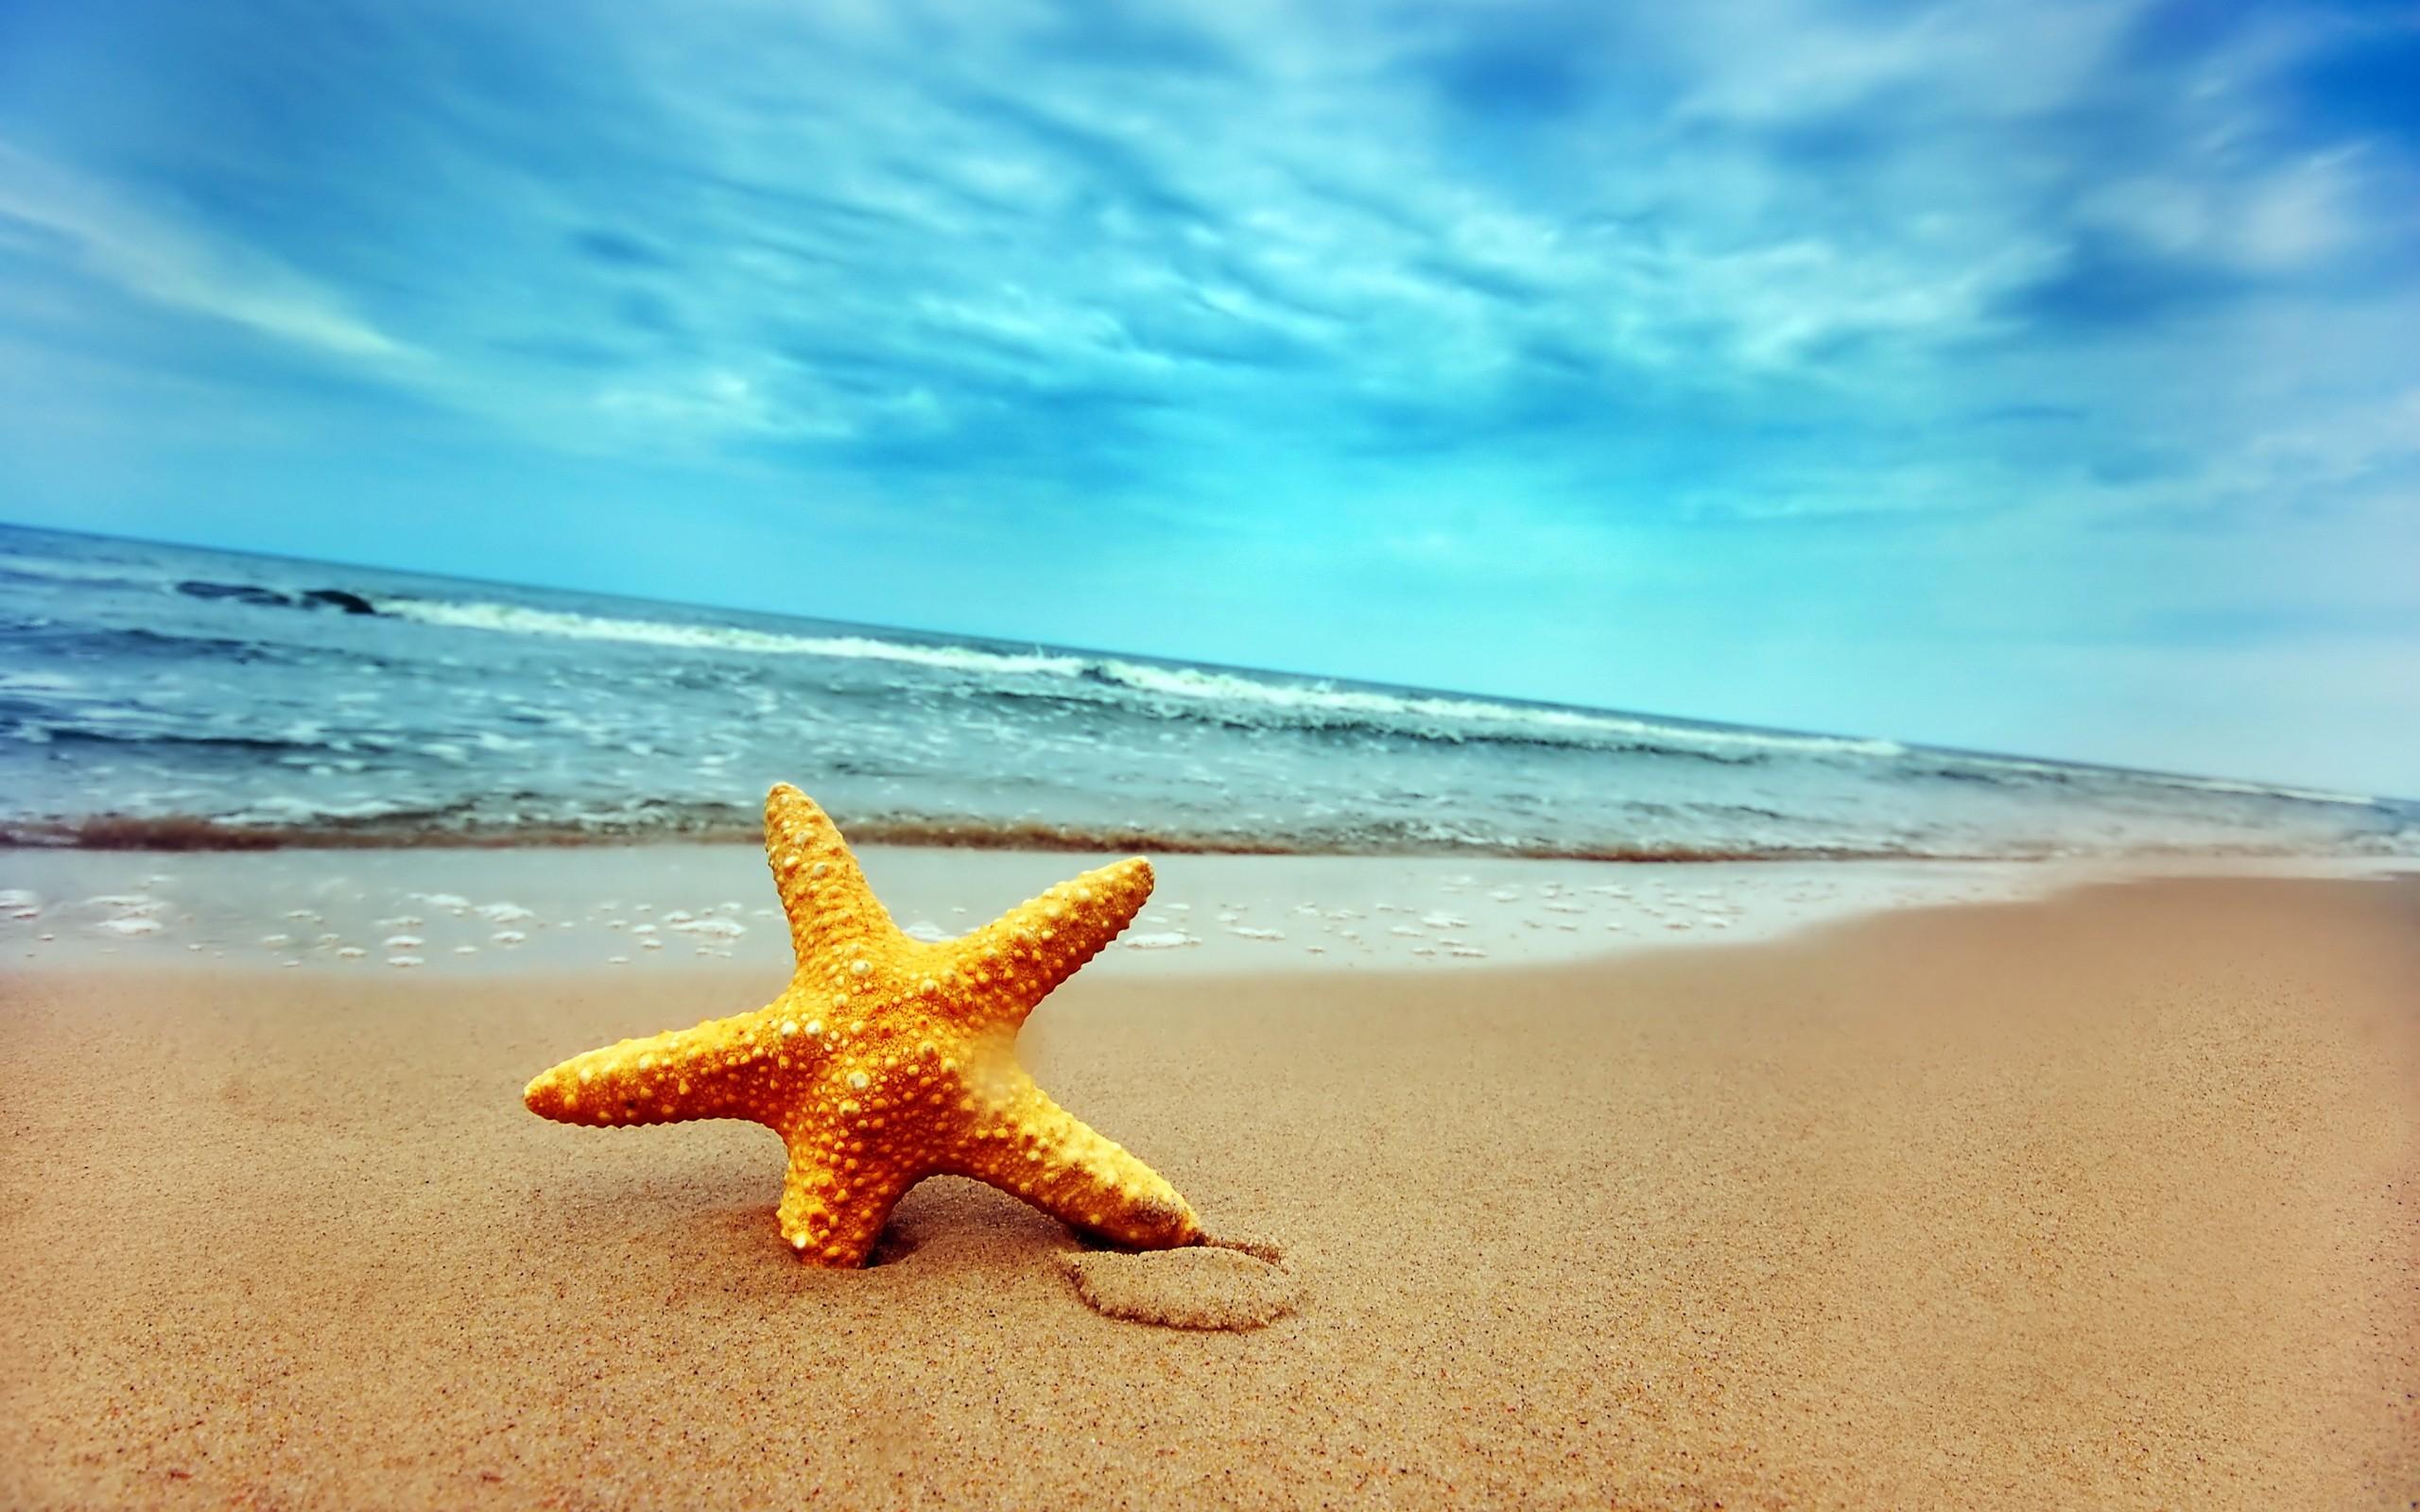 Открытки берега, давай жить дружно